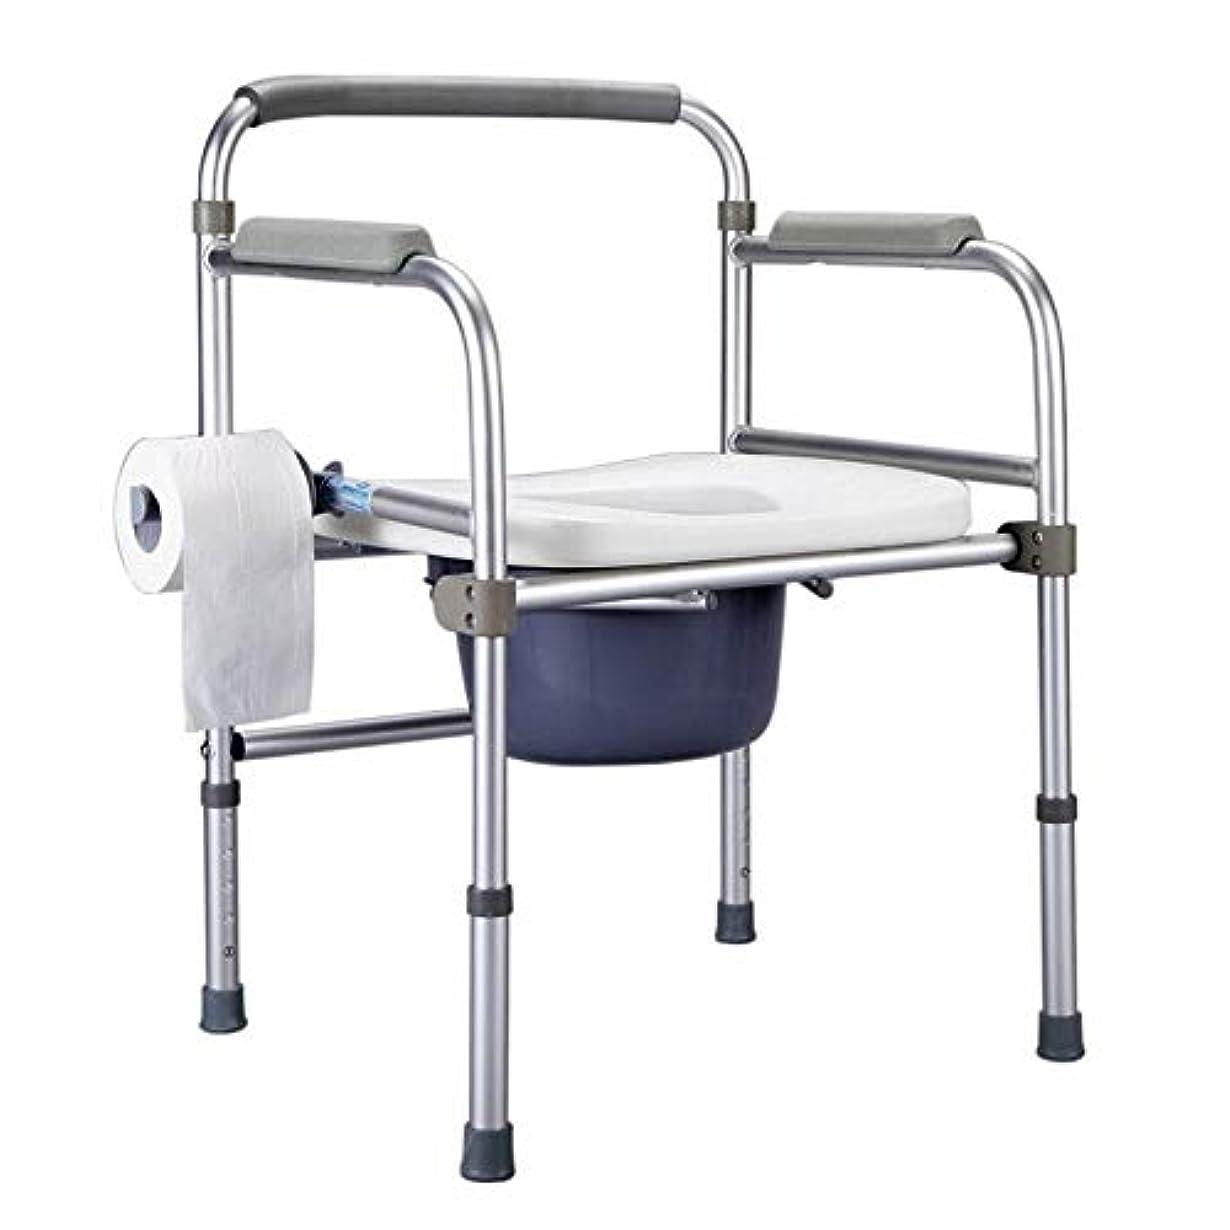 スパンスリッパ侵略ポータブル折りたたみ椅子椅子とサラウンドトイレ老人移動トイレチェアペーパータオルホルダー付き妊婦シャワーチェア